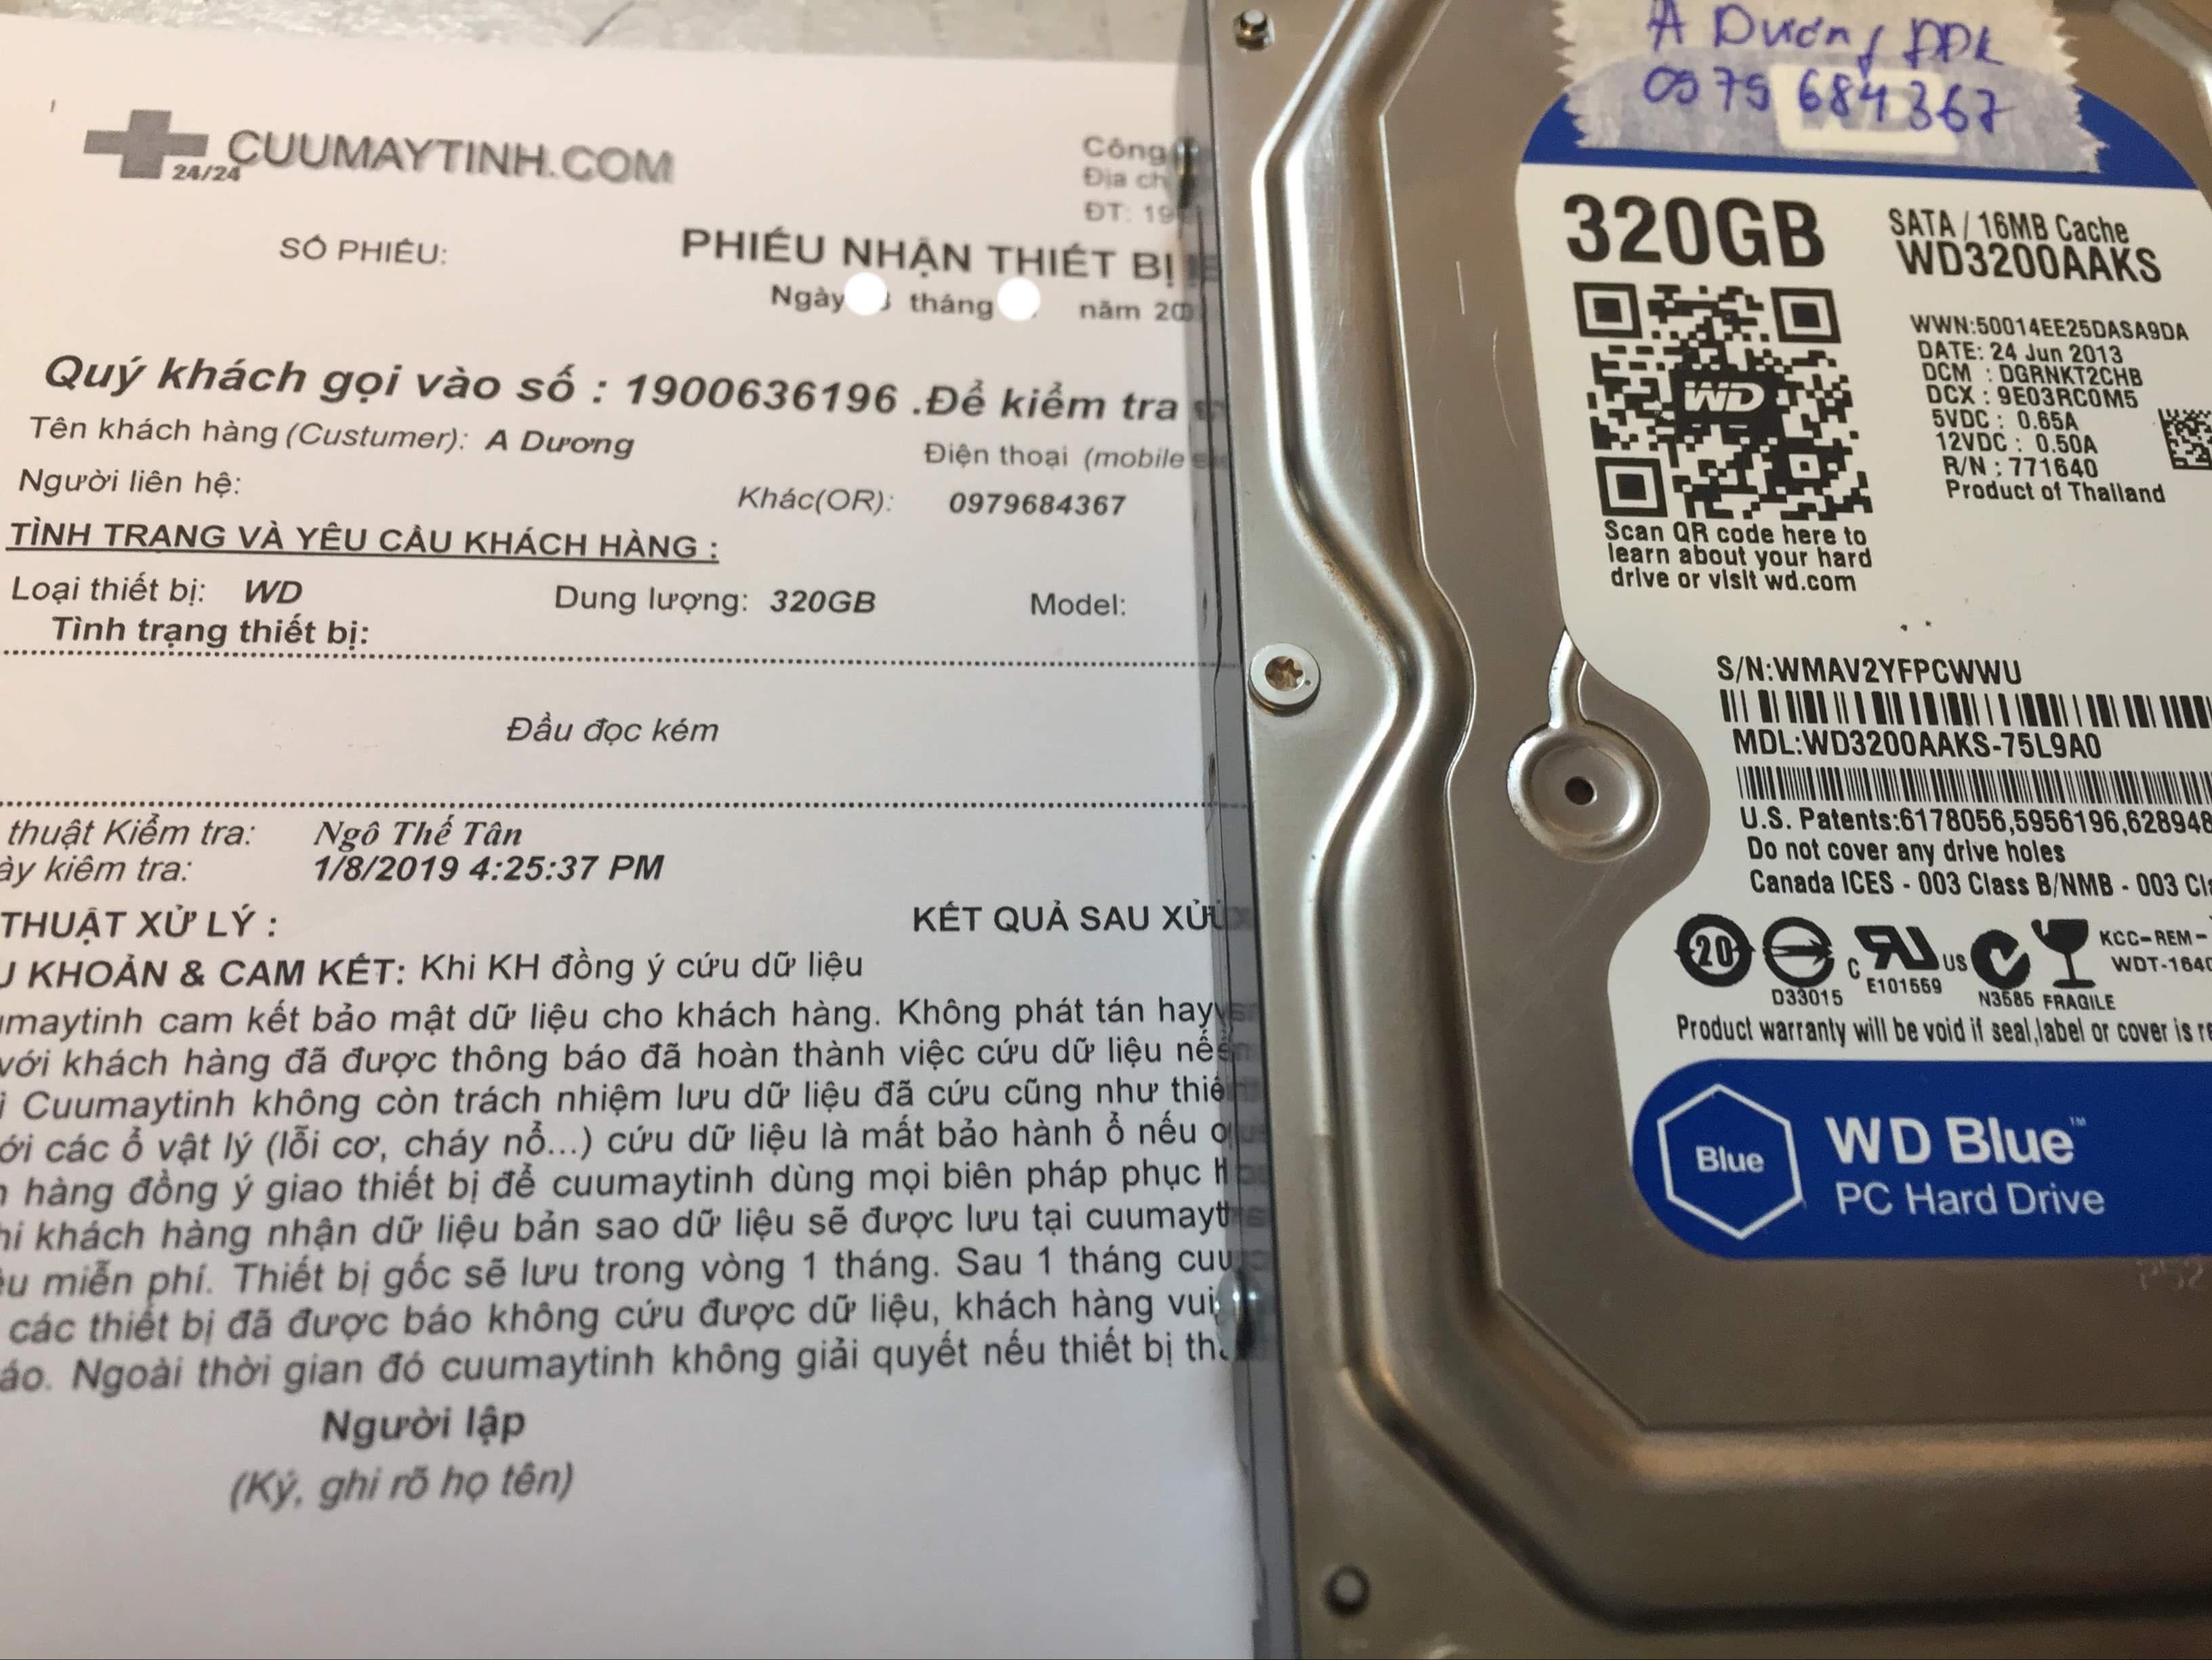 Cứu dữ liệu ổ cứng Western 320GB đầu đọc kém 04/05/2019 - cuumaytinh